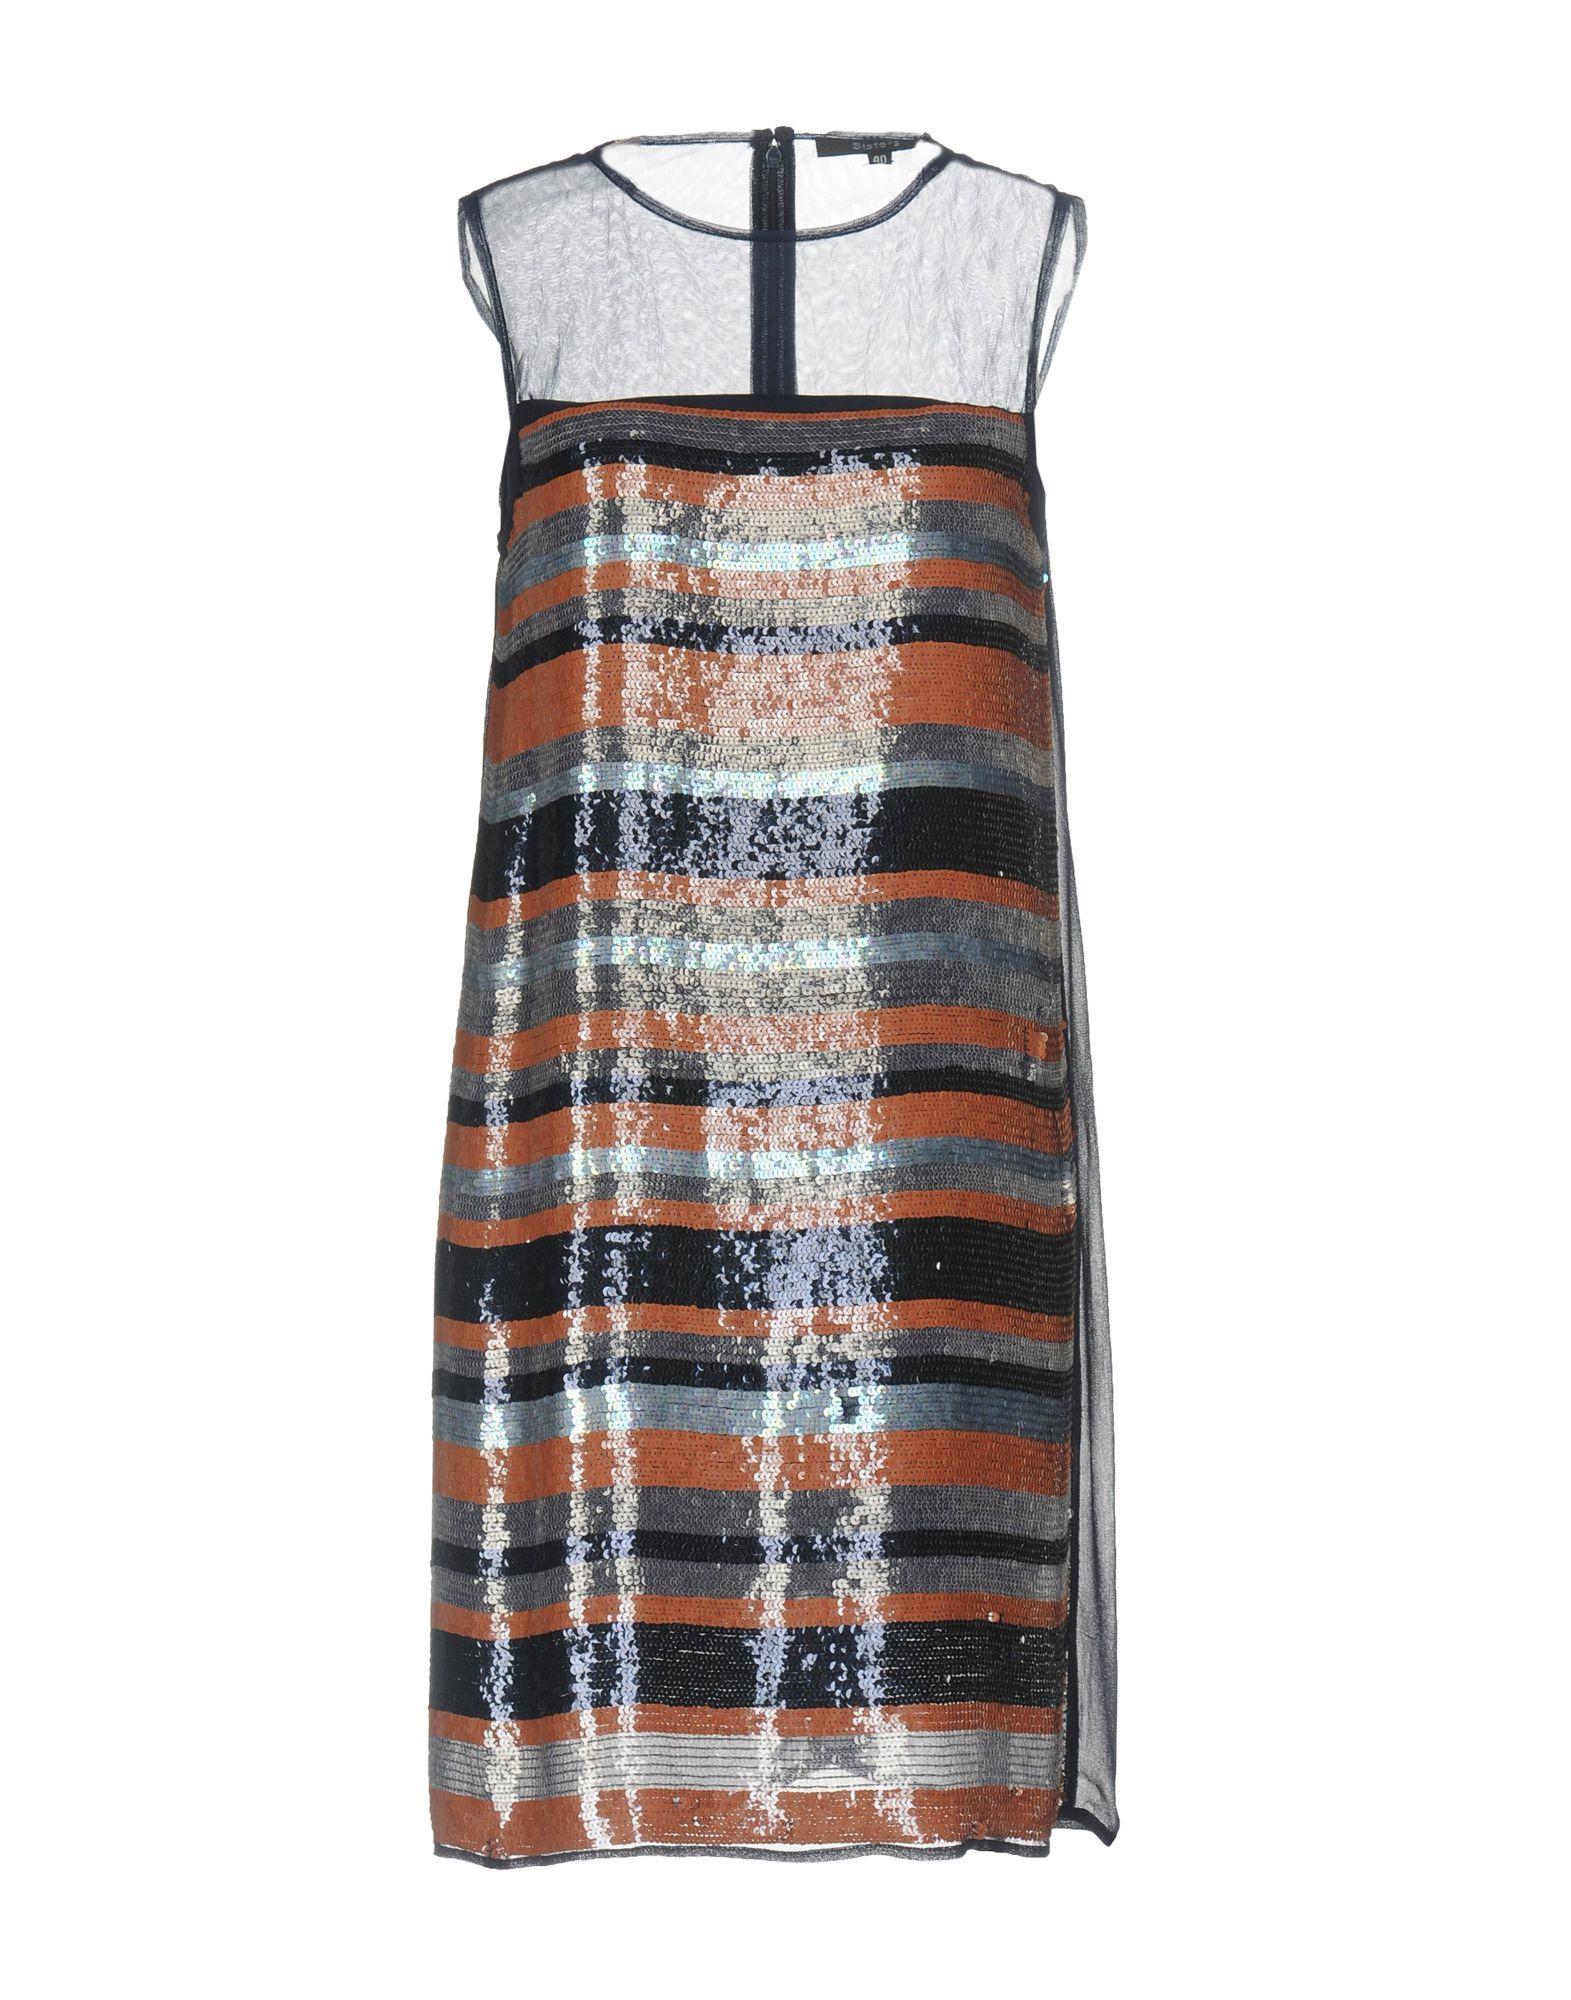 SISTE´ S Damen Kurzes Kleid Farbe Dunkelblau Größe 6 jetztbilligerkaufen